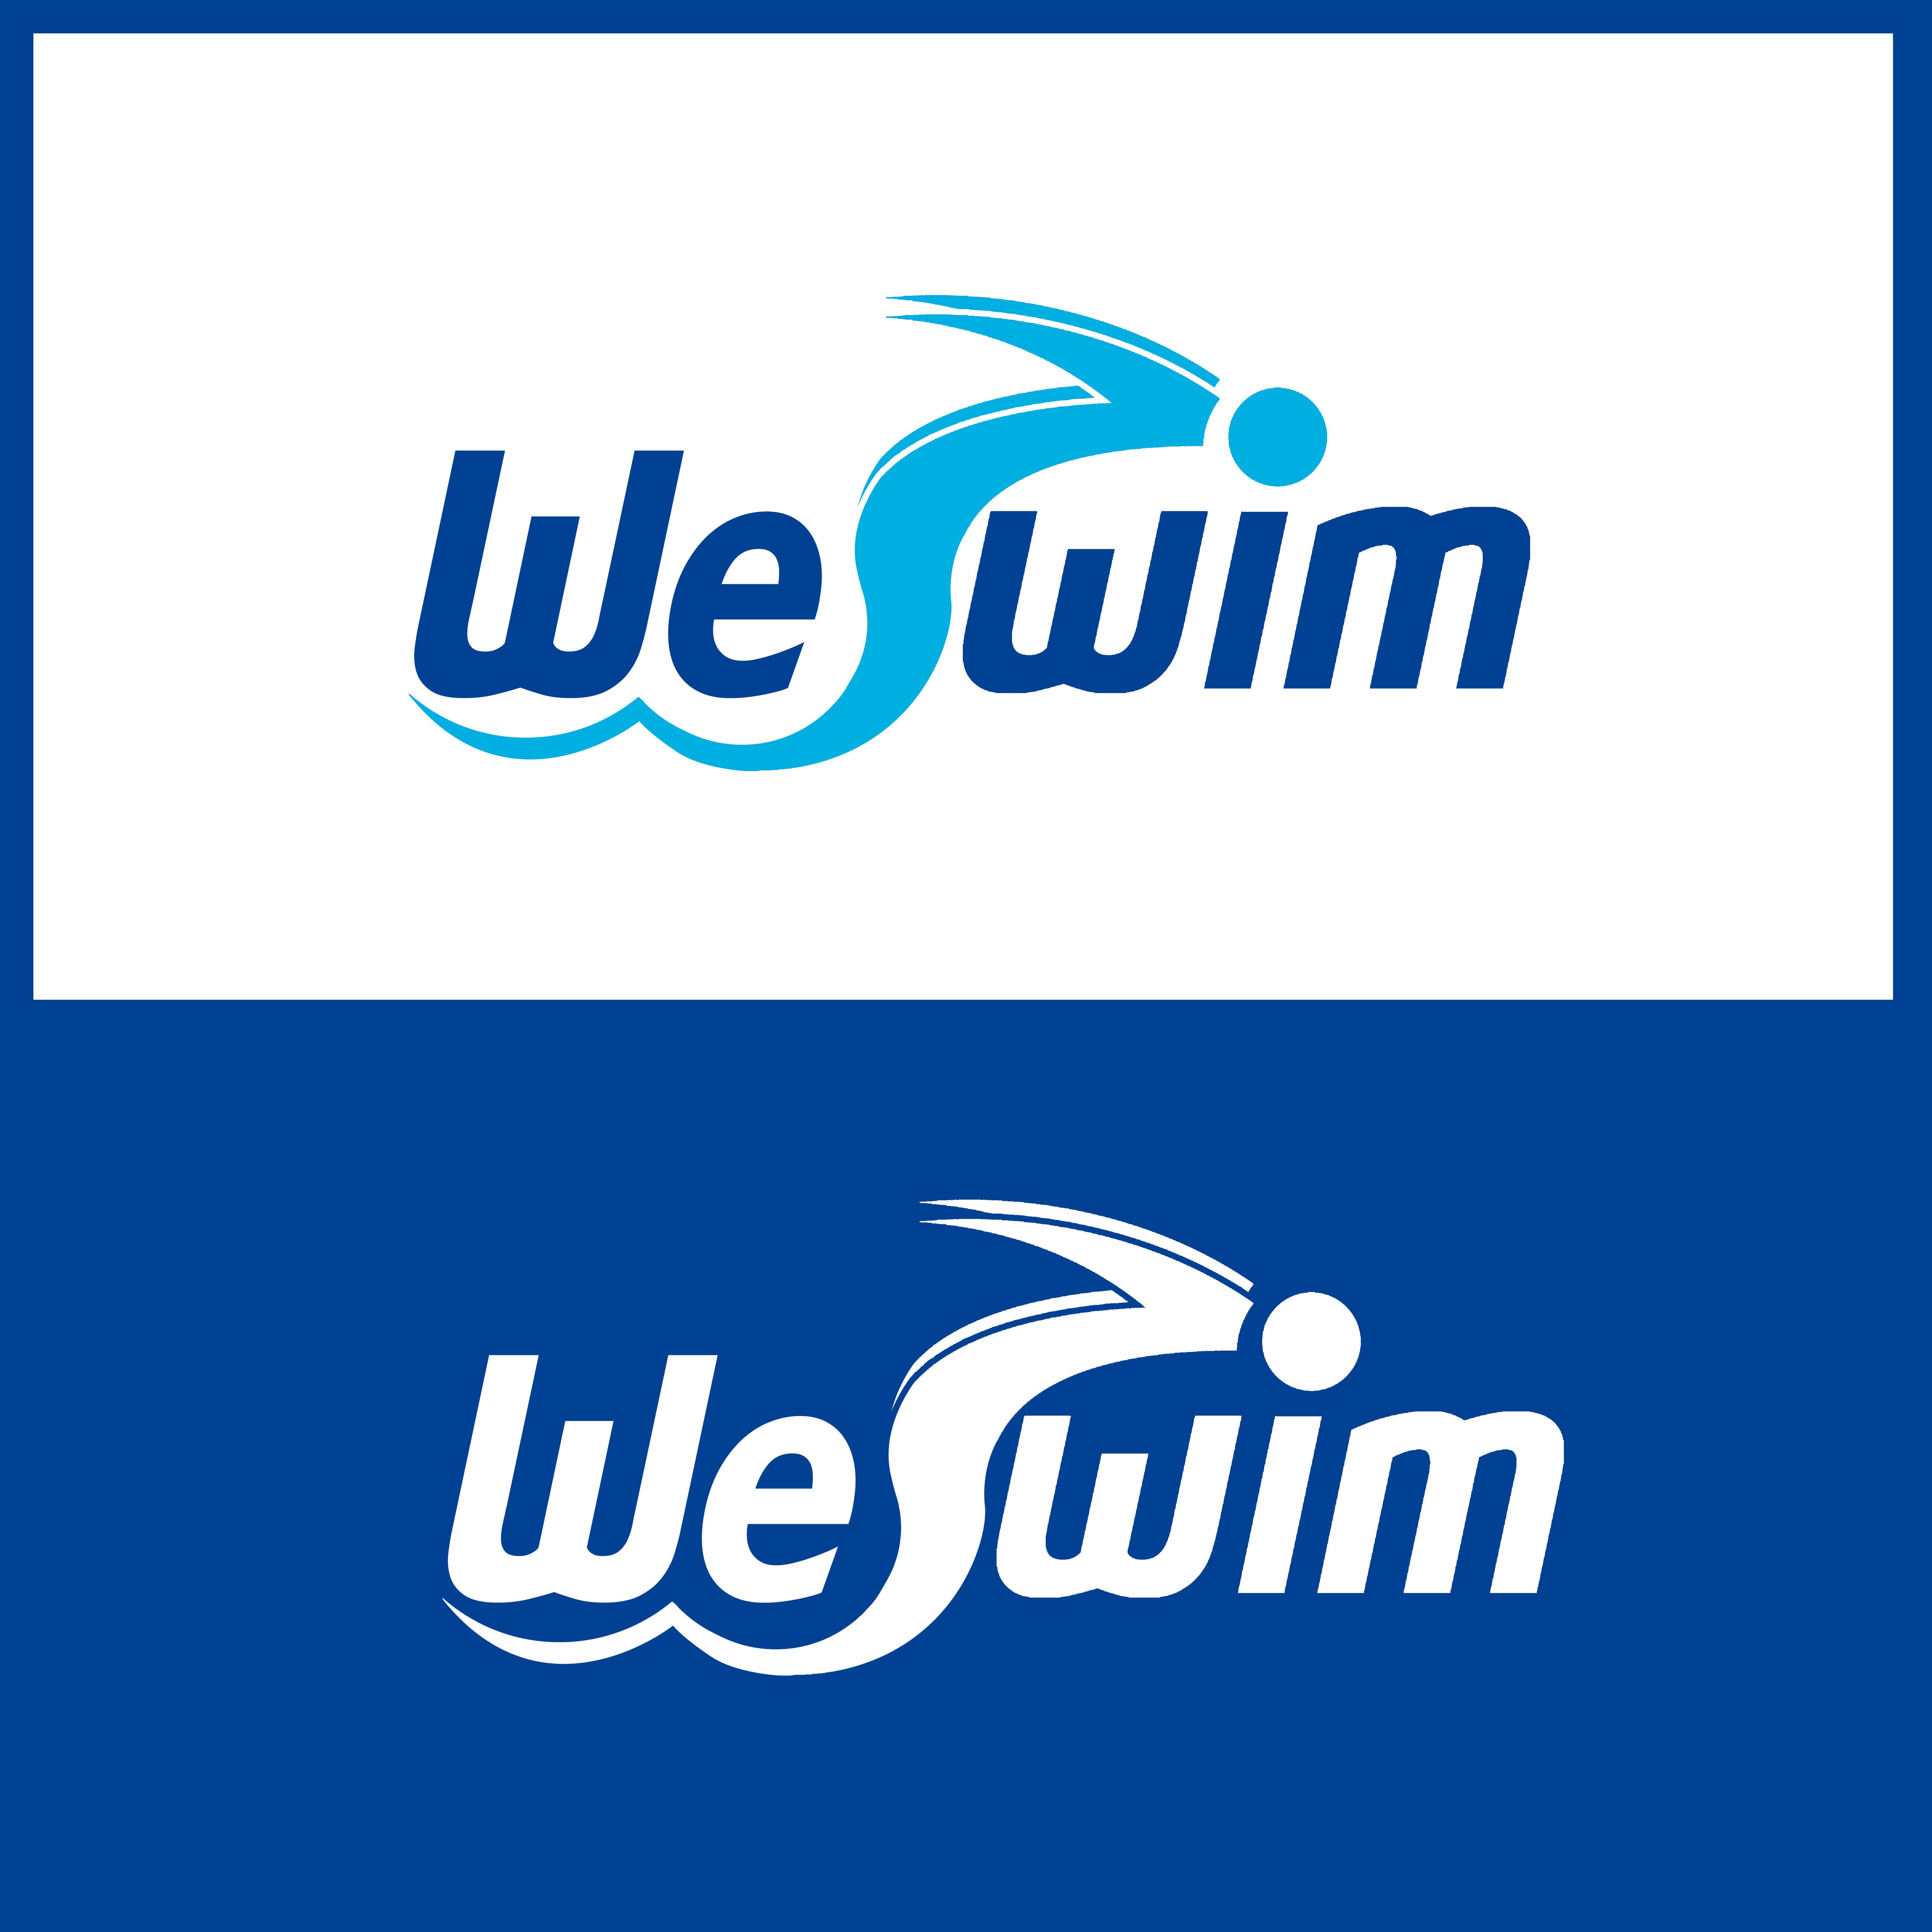 Logo Design by Allan Esclamado - Entry No. 125 in the Logo Design Contest Captivating Logo Design for We Swim.